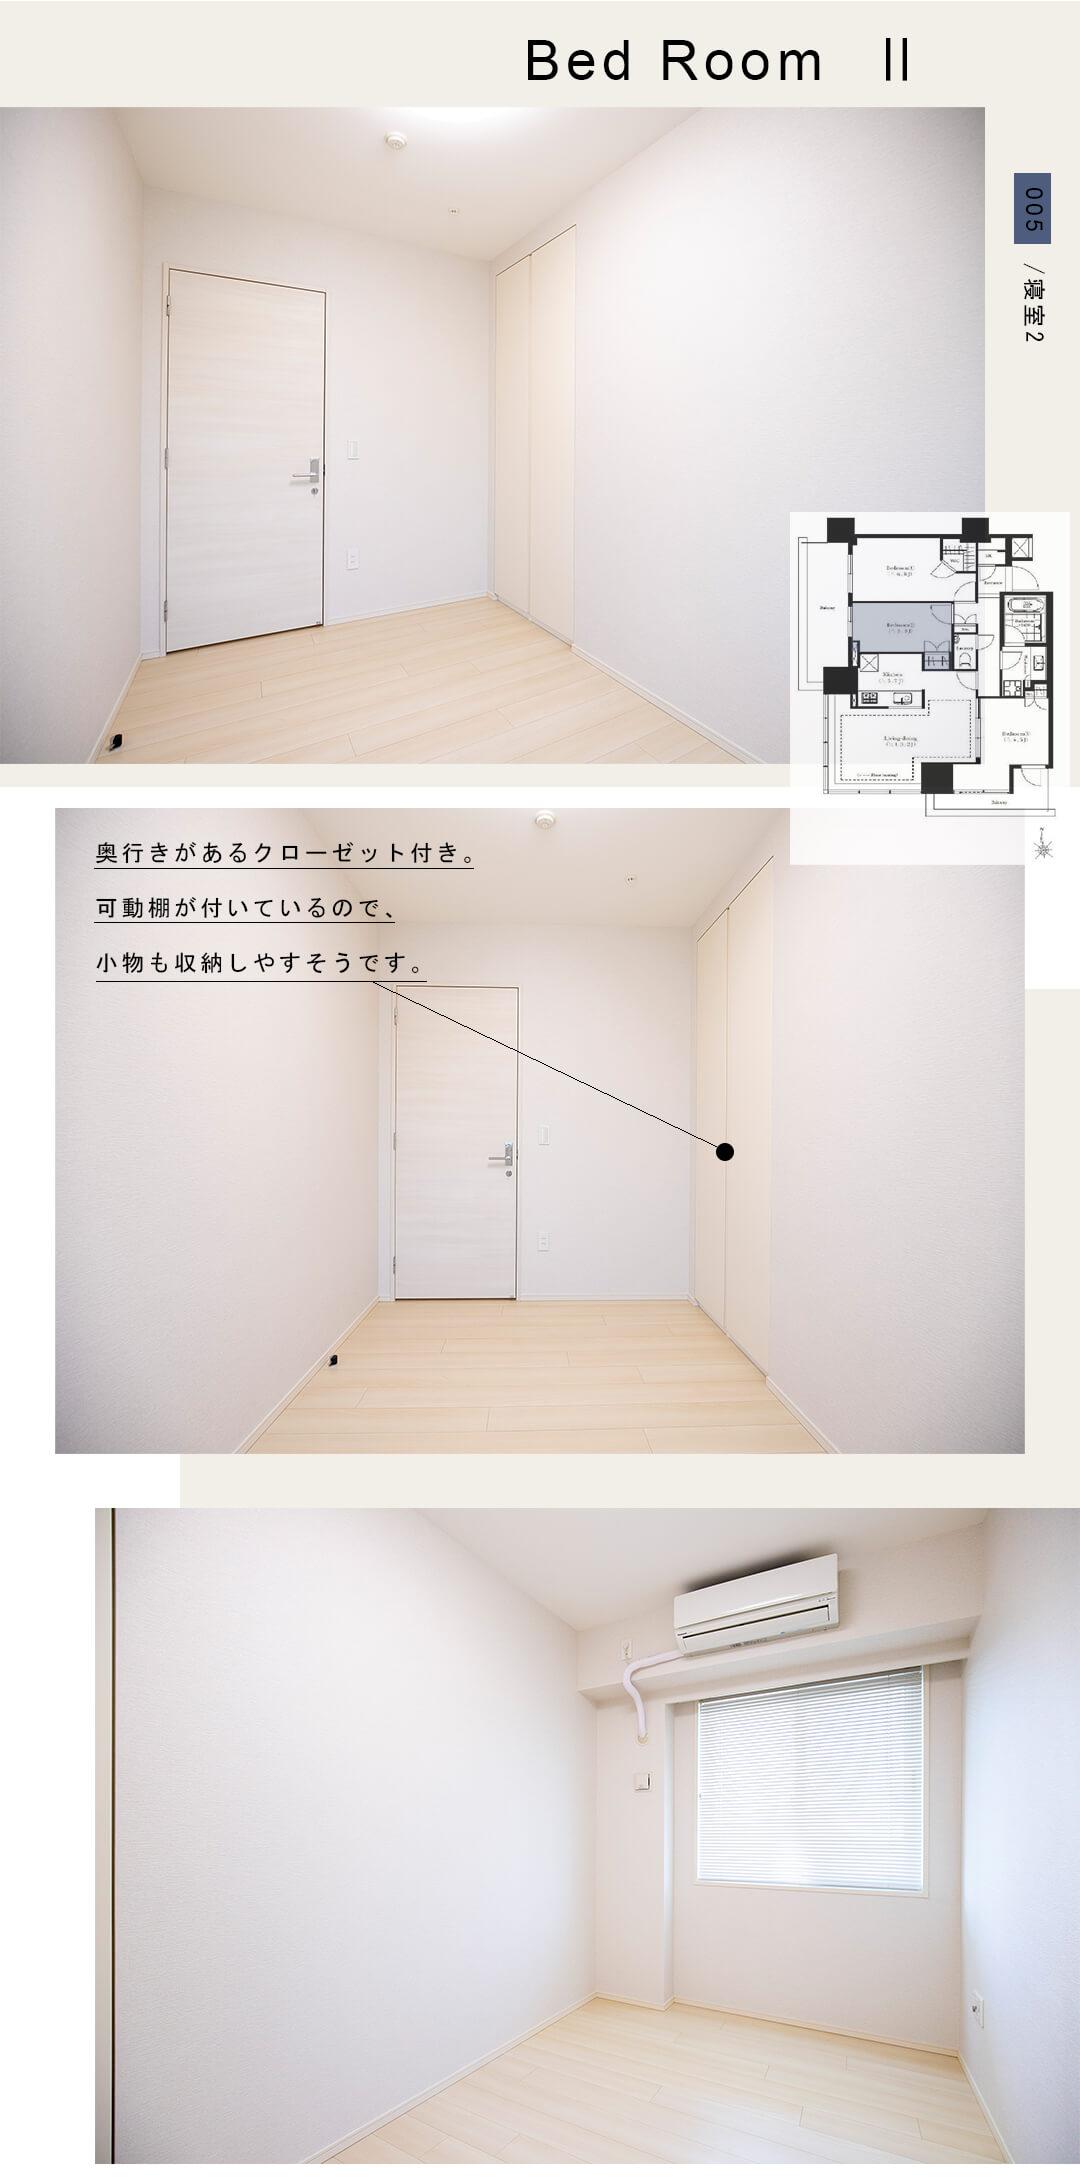 005寝室2,Bed room Ⅱ